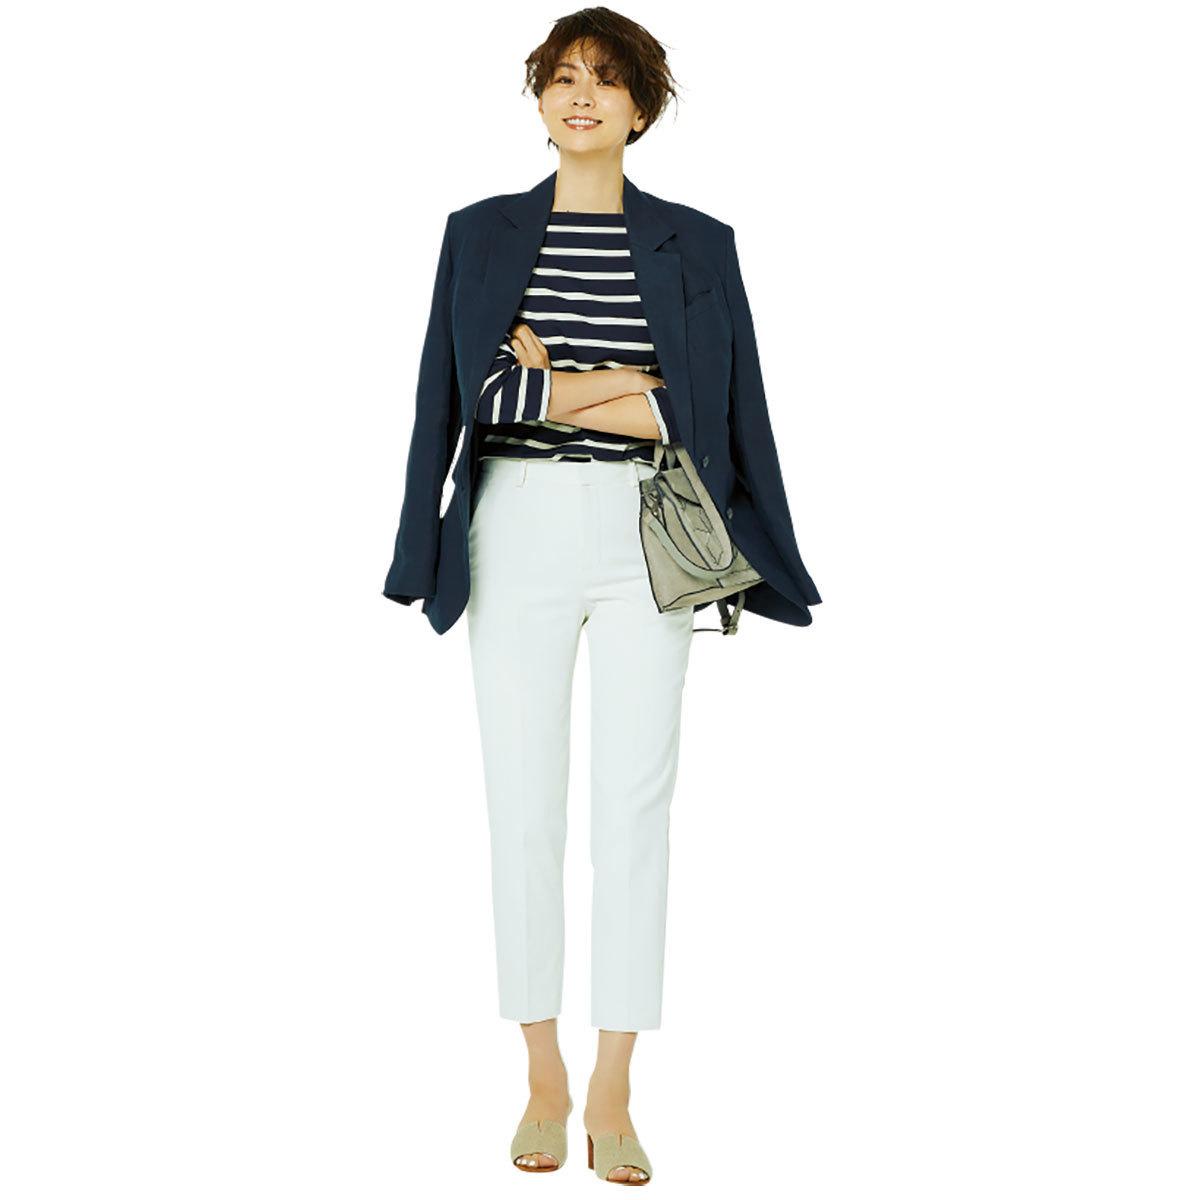 40代の「おしゃれになりたい」をかなえるファッションブランドは? 注目したいアイテムは? | アラフォーファッション_1_30